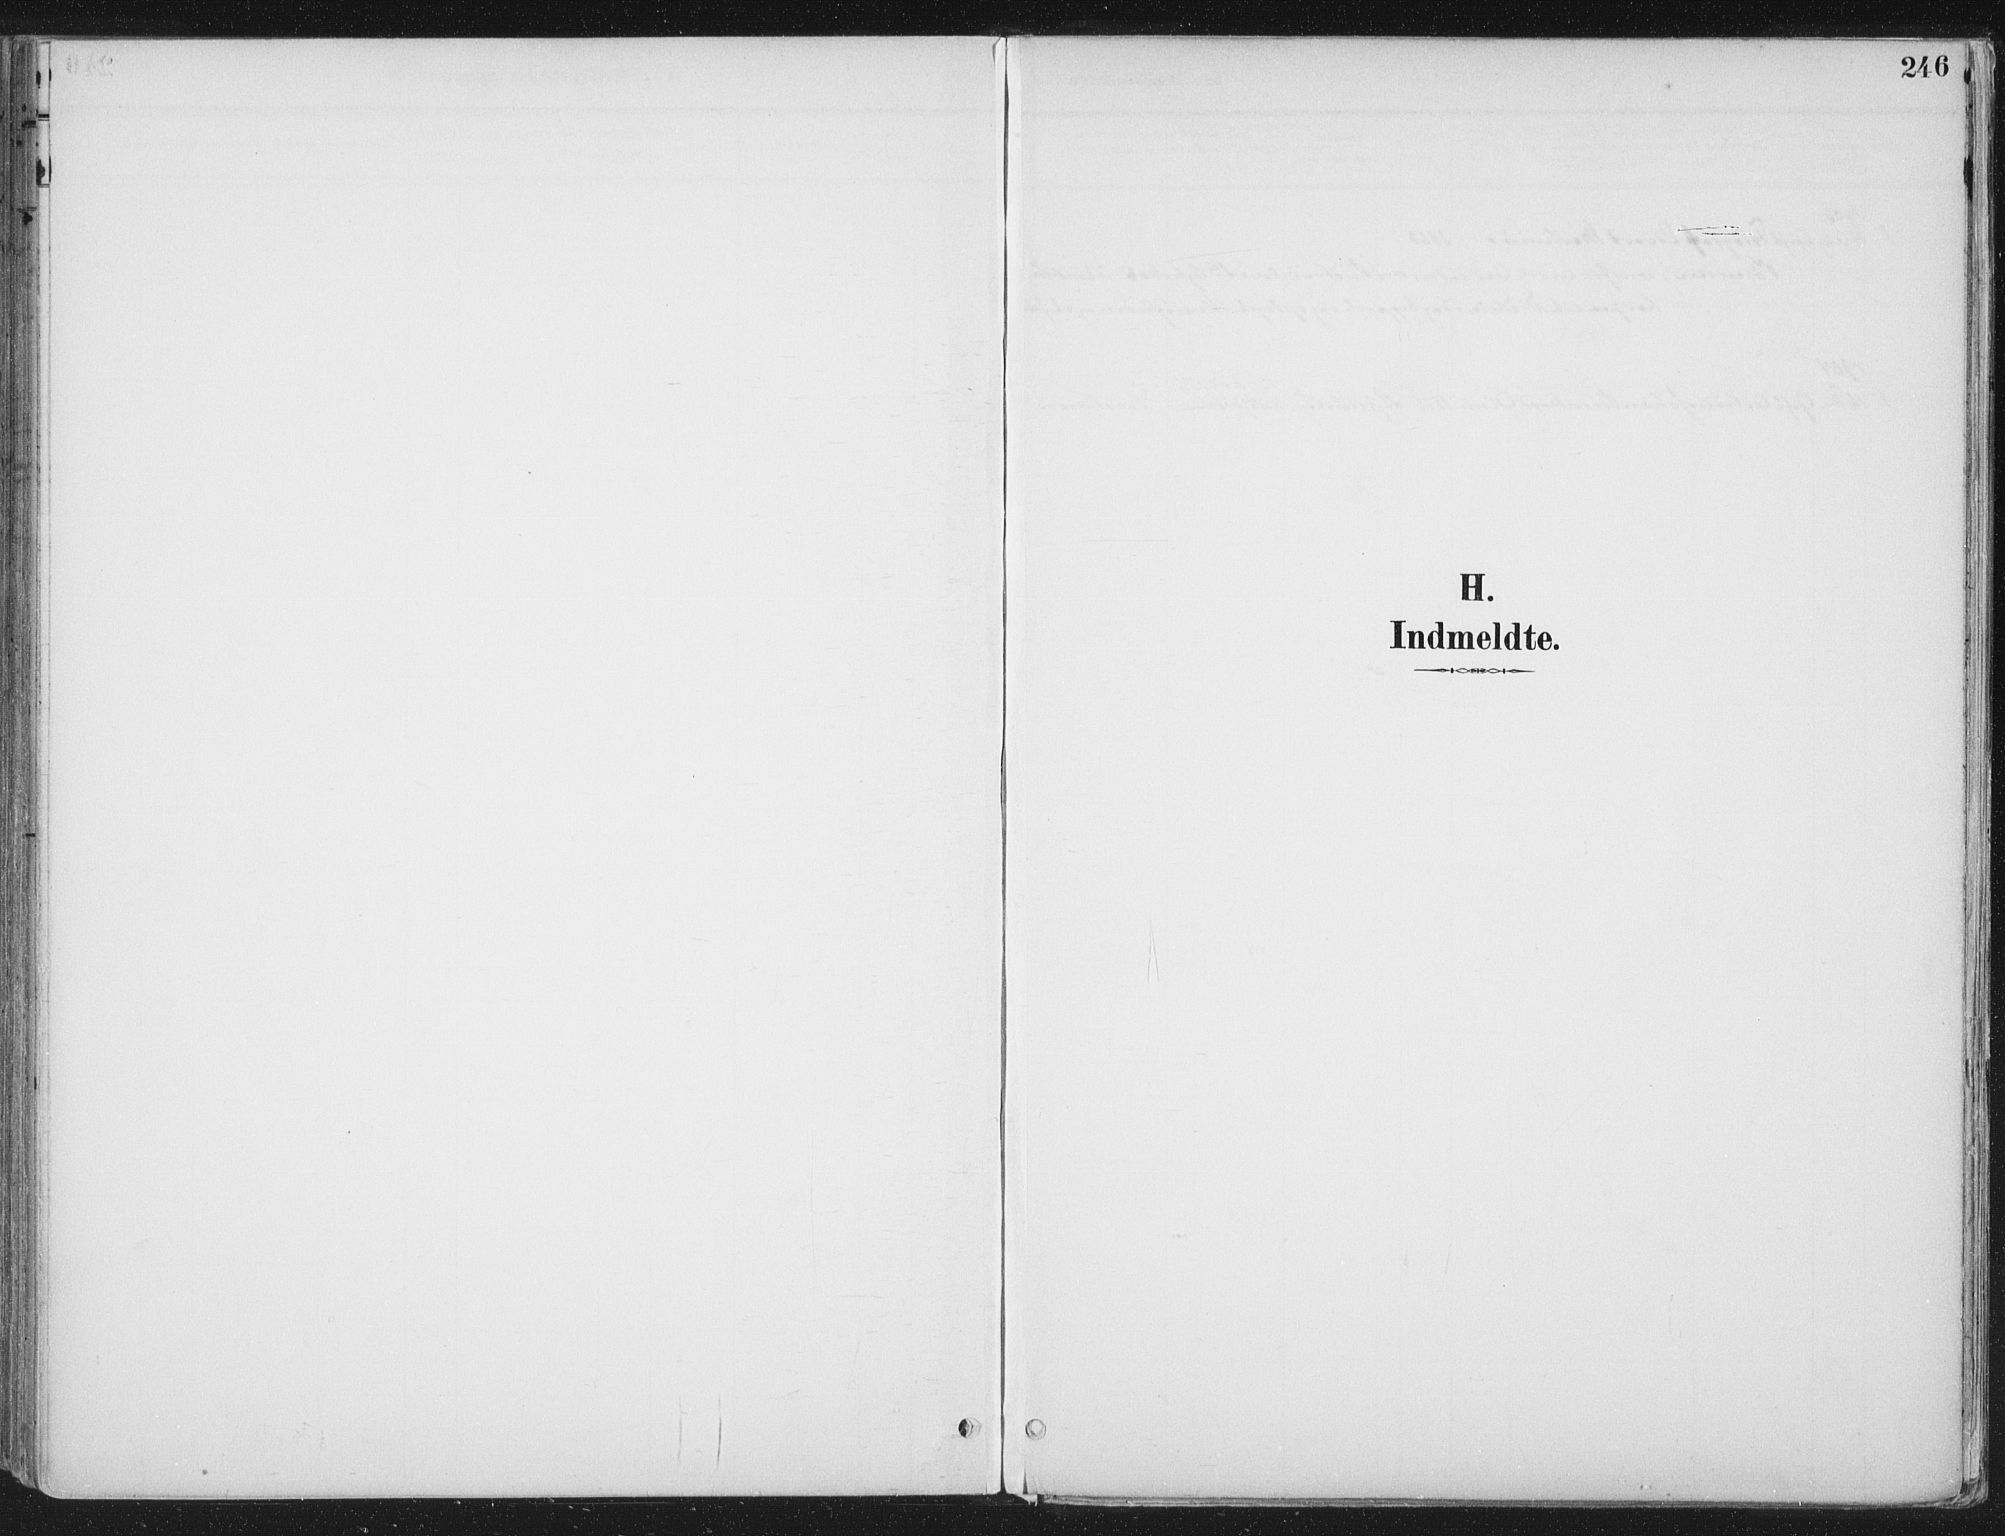 SAT, Ministerialprotokoller, klokkerbøker og fødselsregistre - Nord-Trøndelag, 709/L0082: Ministerialbok nr. 709A22, 1896-1916, s. 246